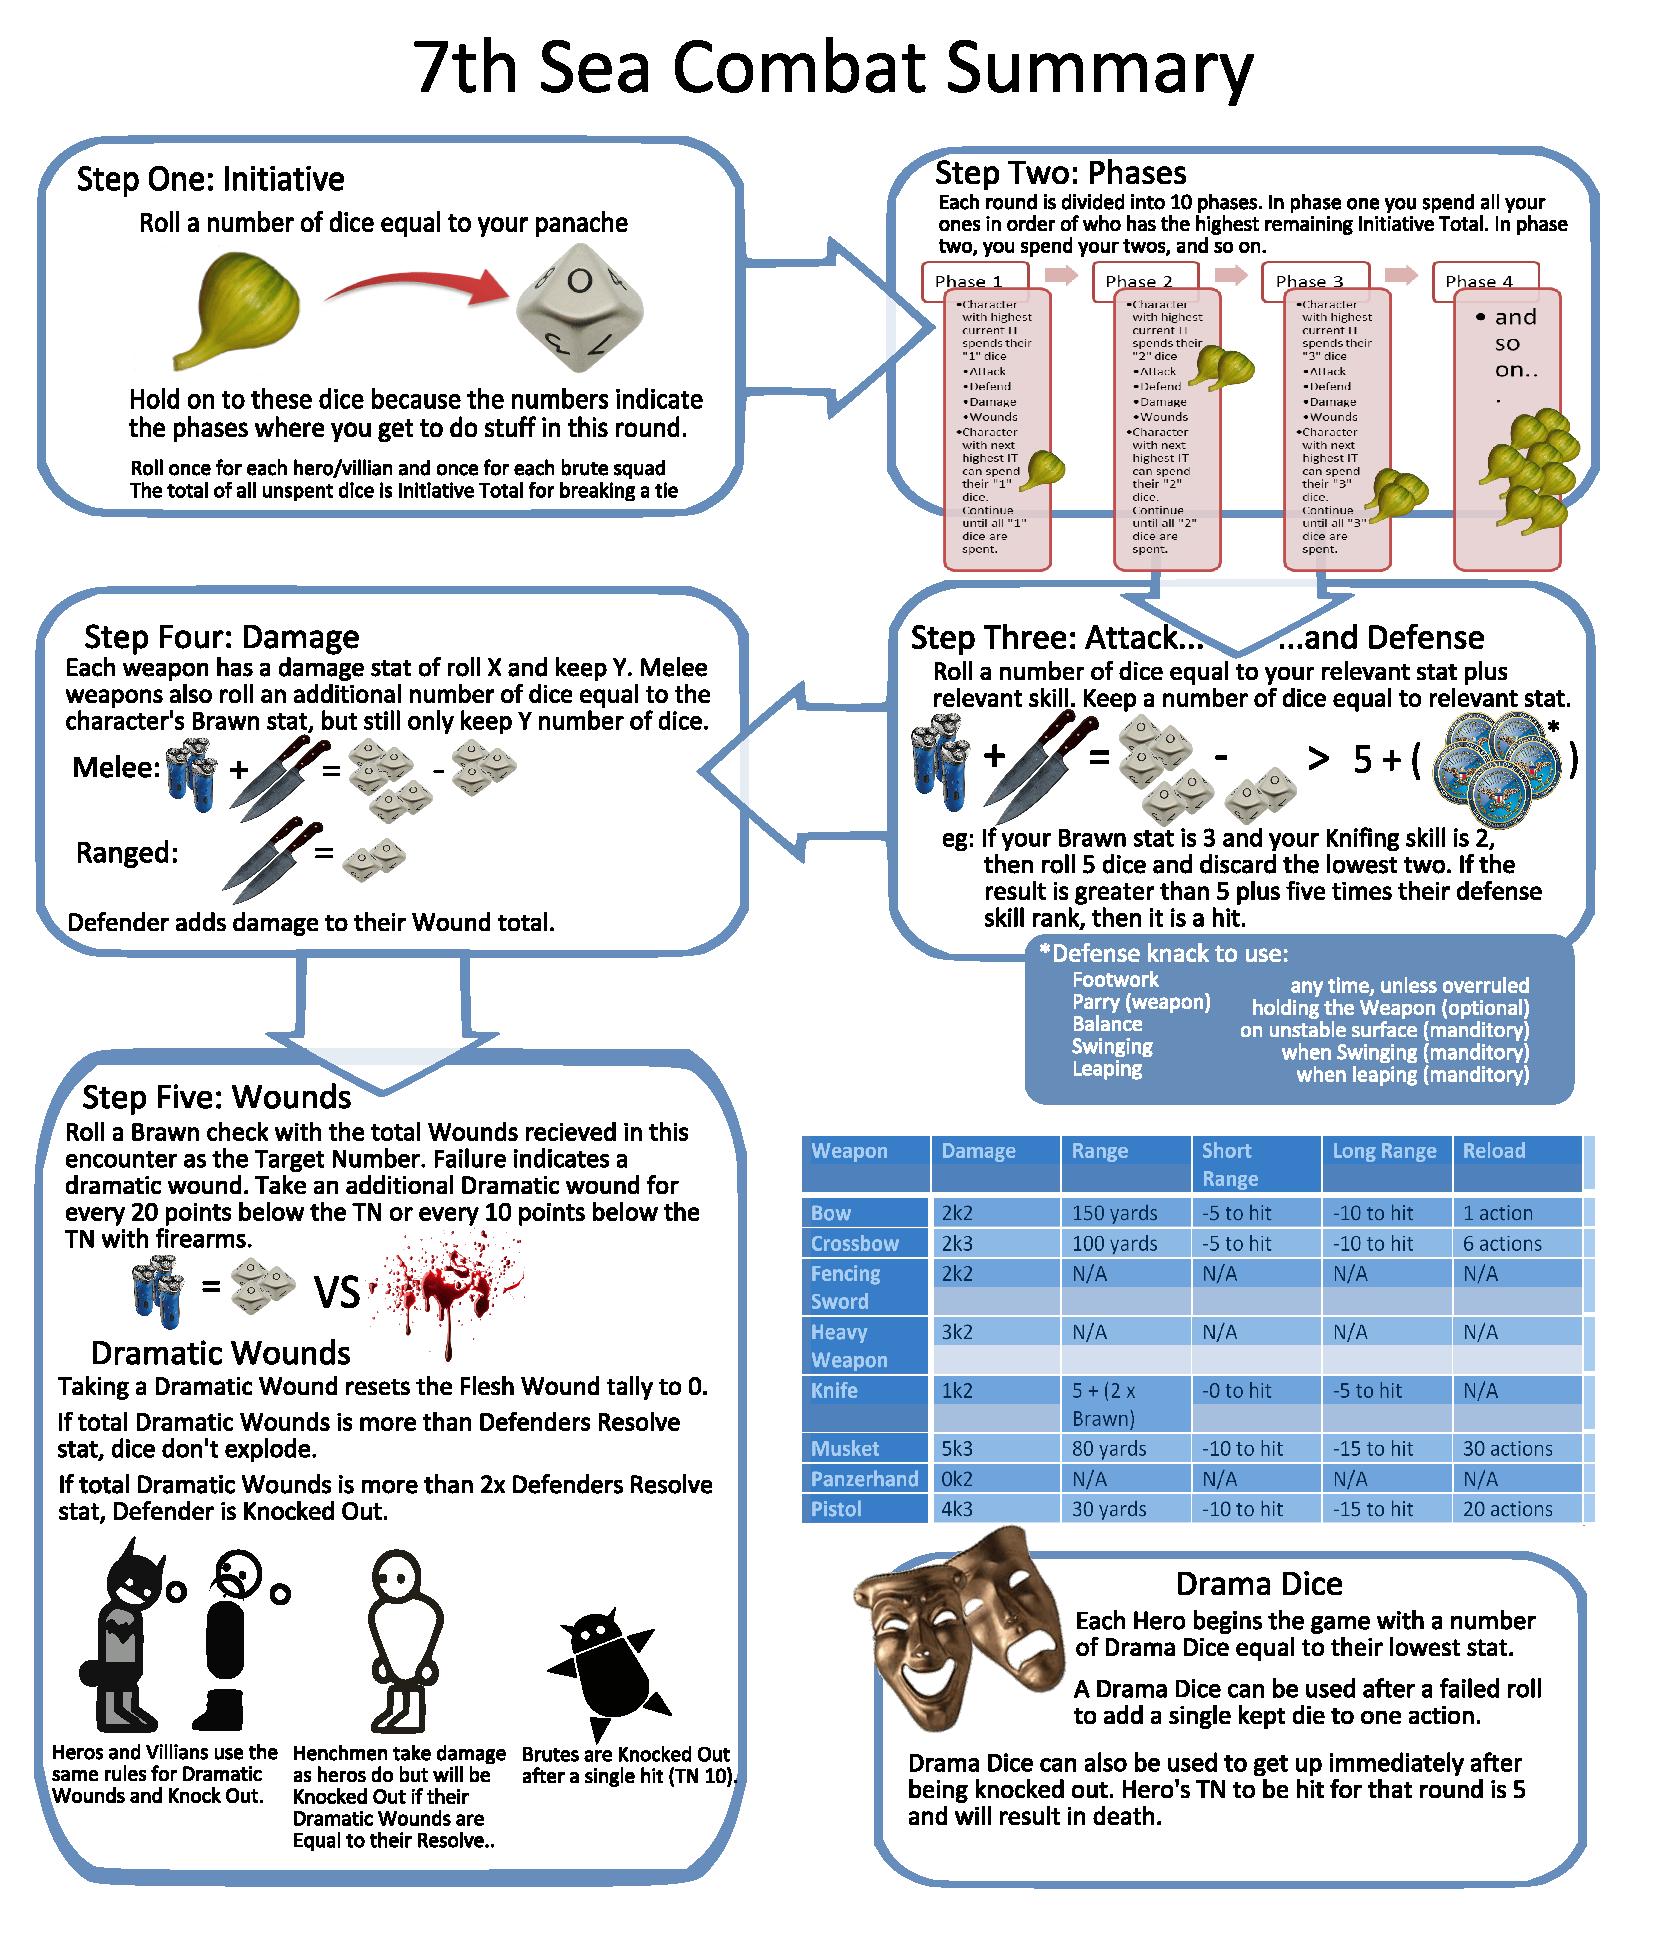 7th sea combat summary